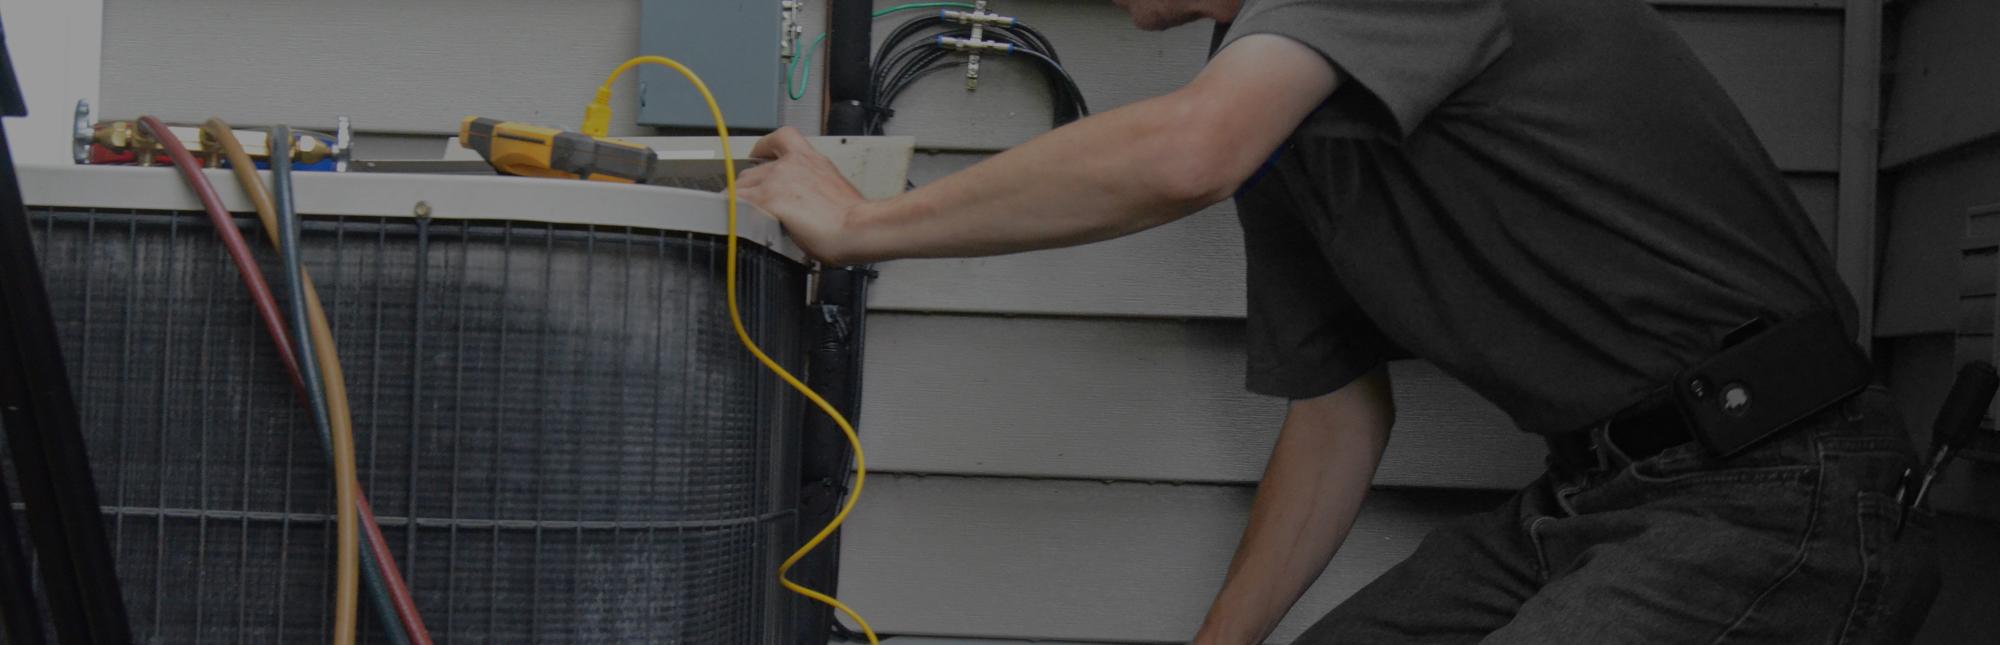 Air Conditioning Repair Houston | Autumn Air